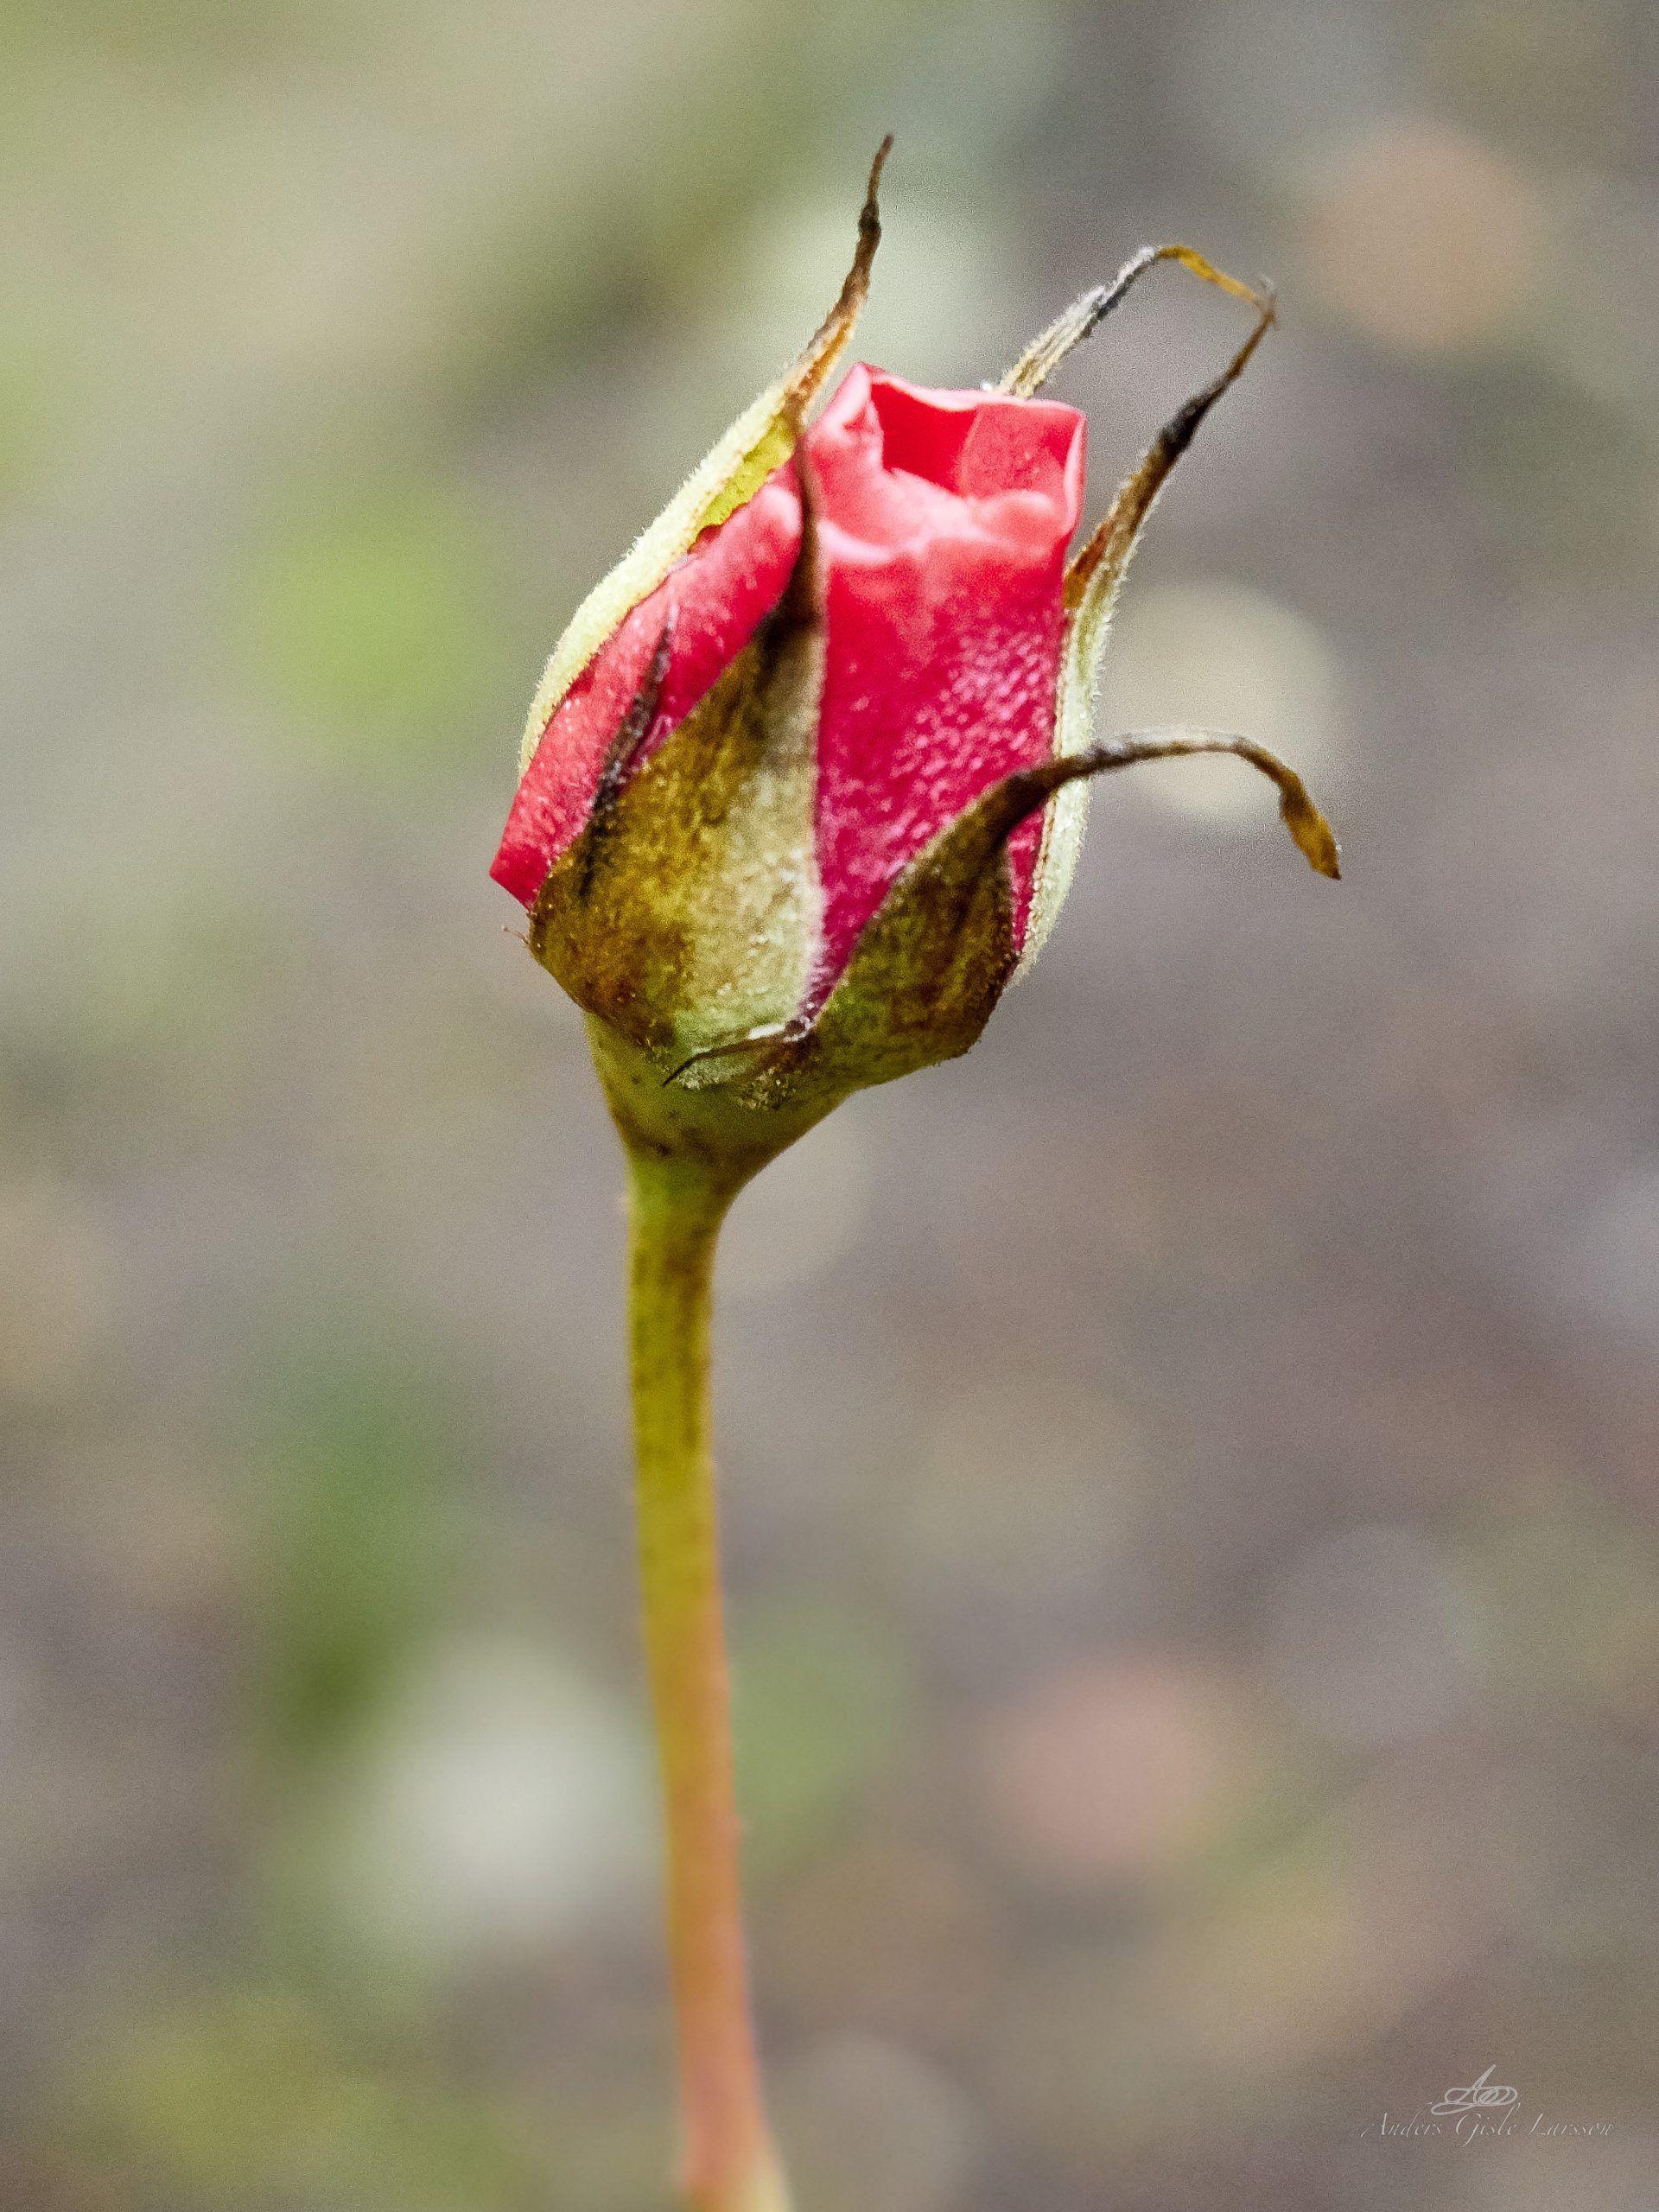 En rose så jeg skyde ..., 356/365, Uge 51, Assentoft, Randers